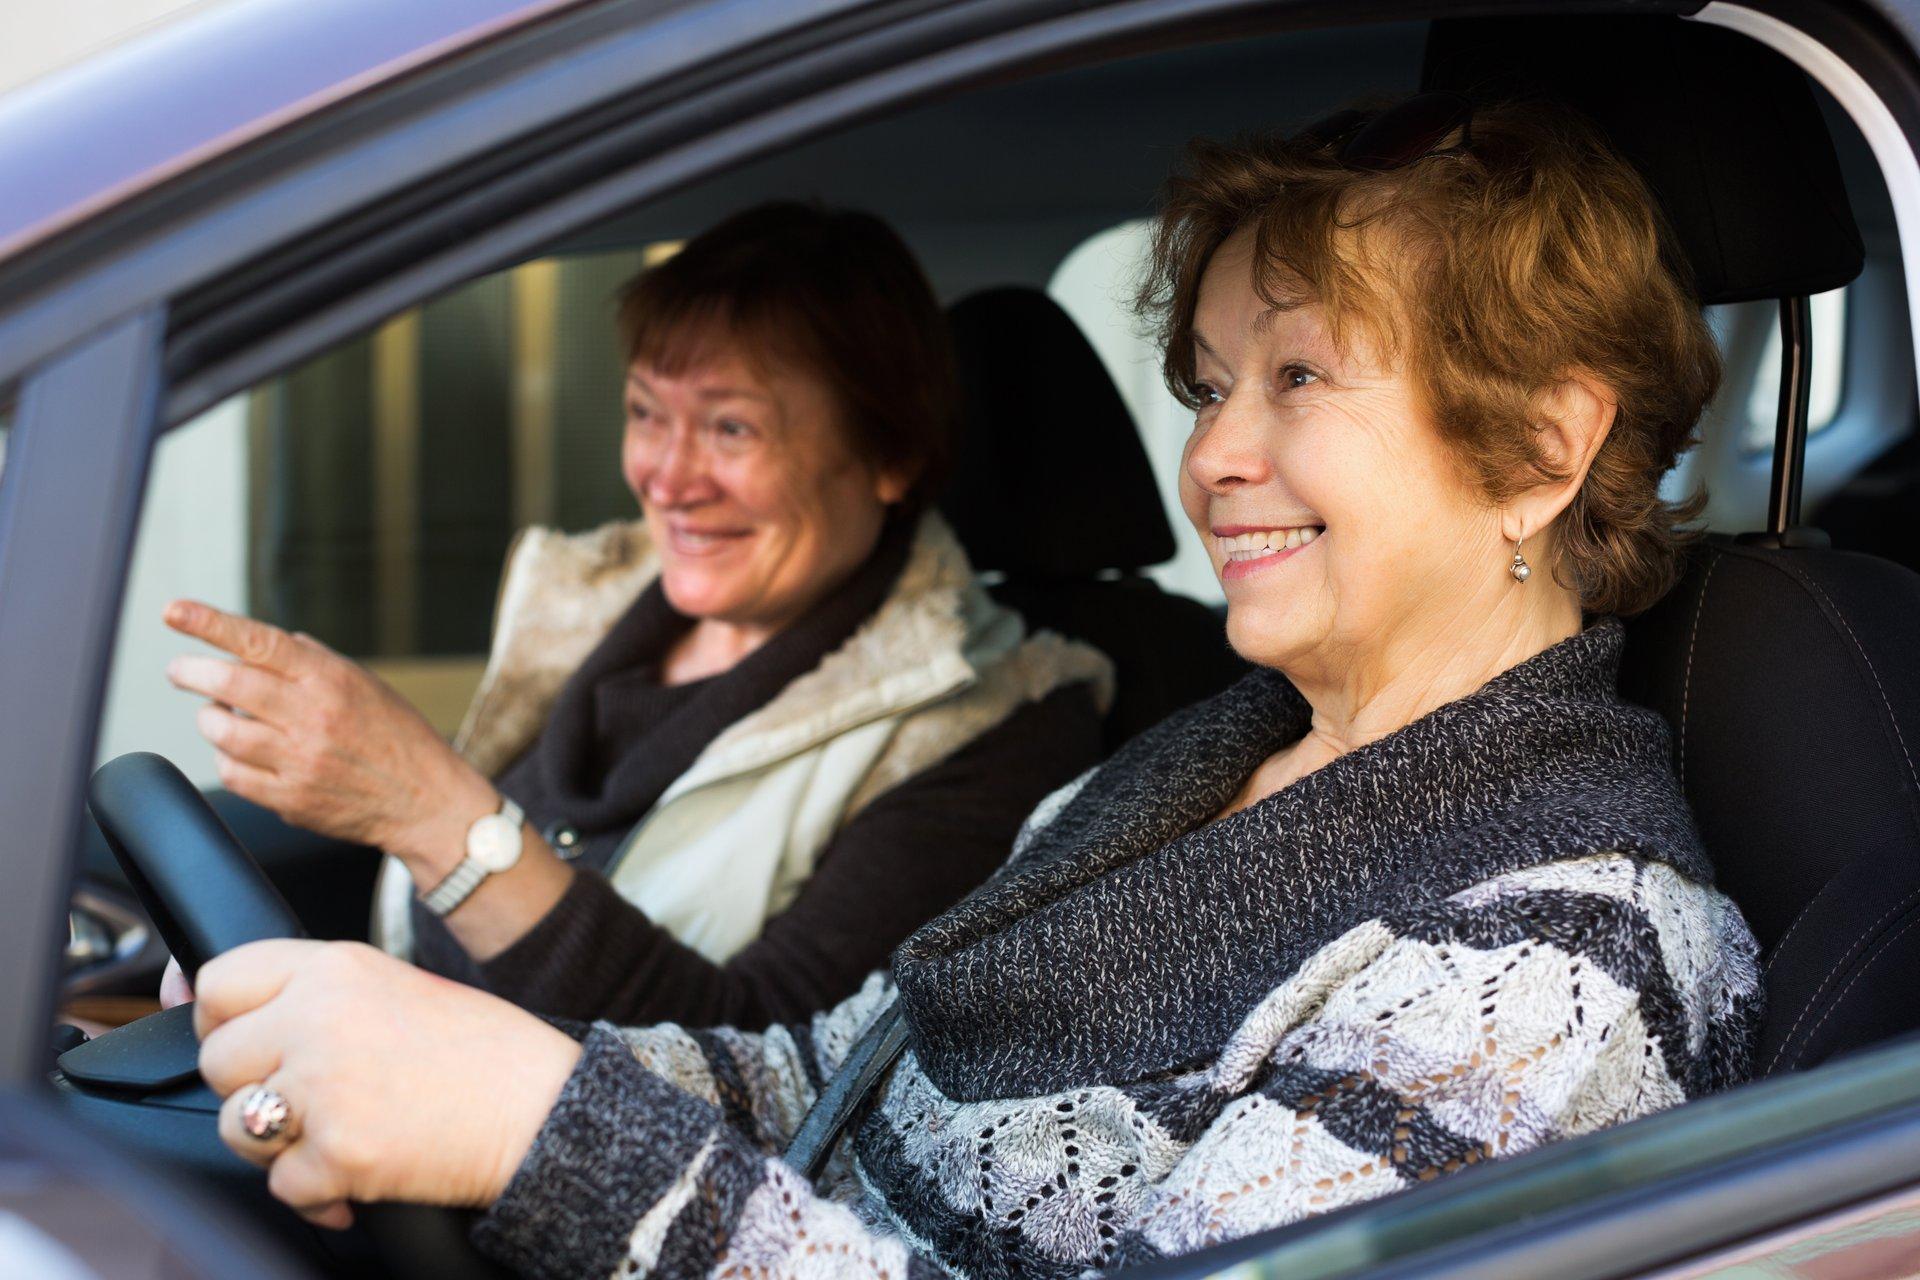 women in a car